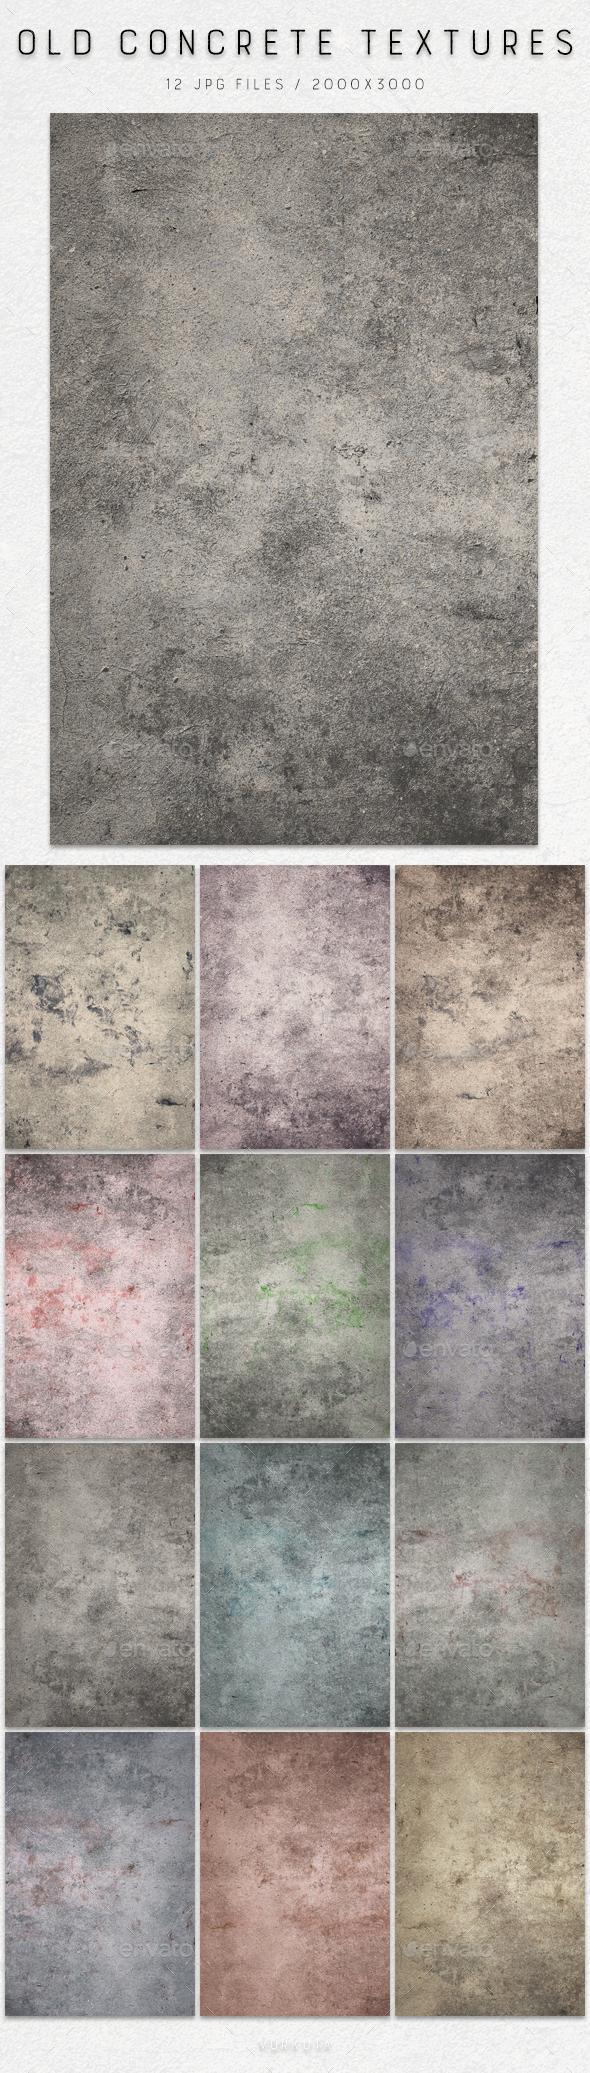 Old Concrete | Textures - Concrete Textures